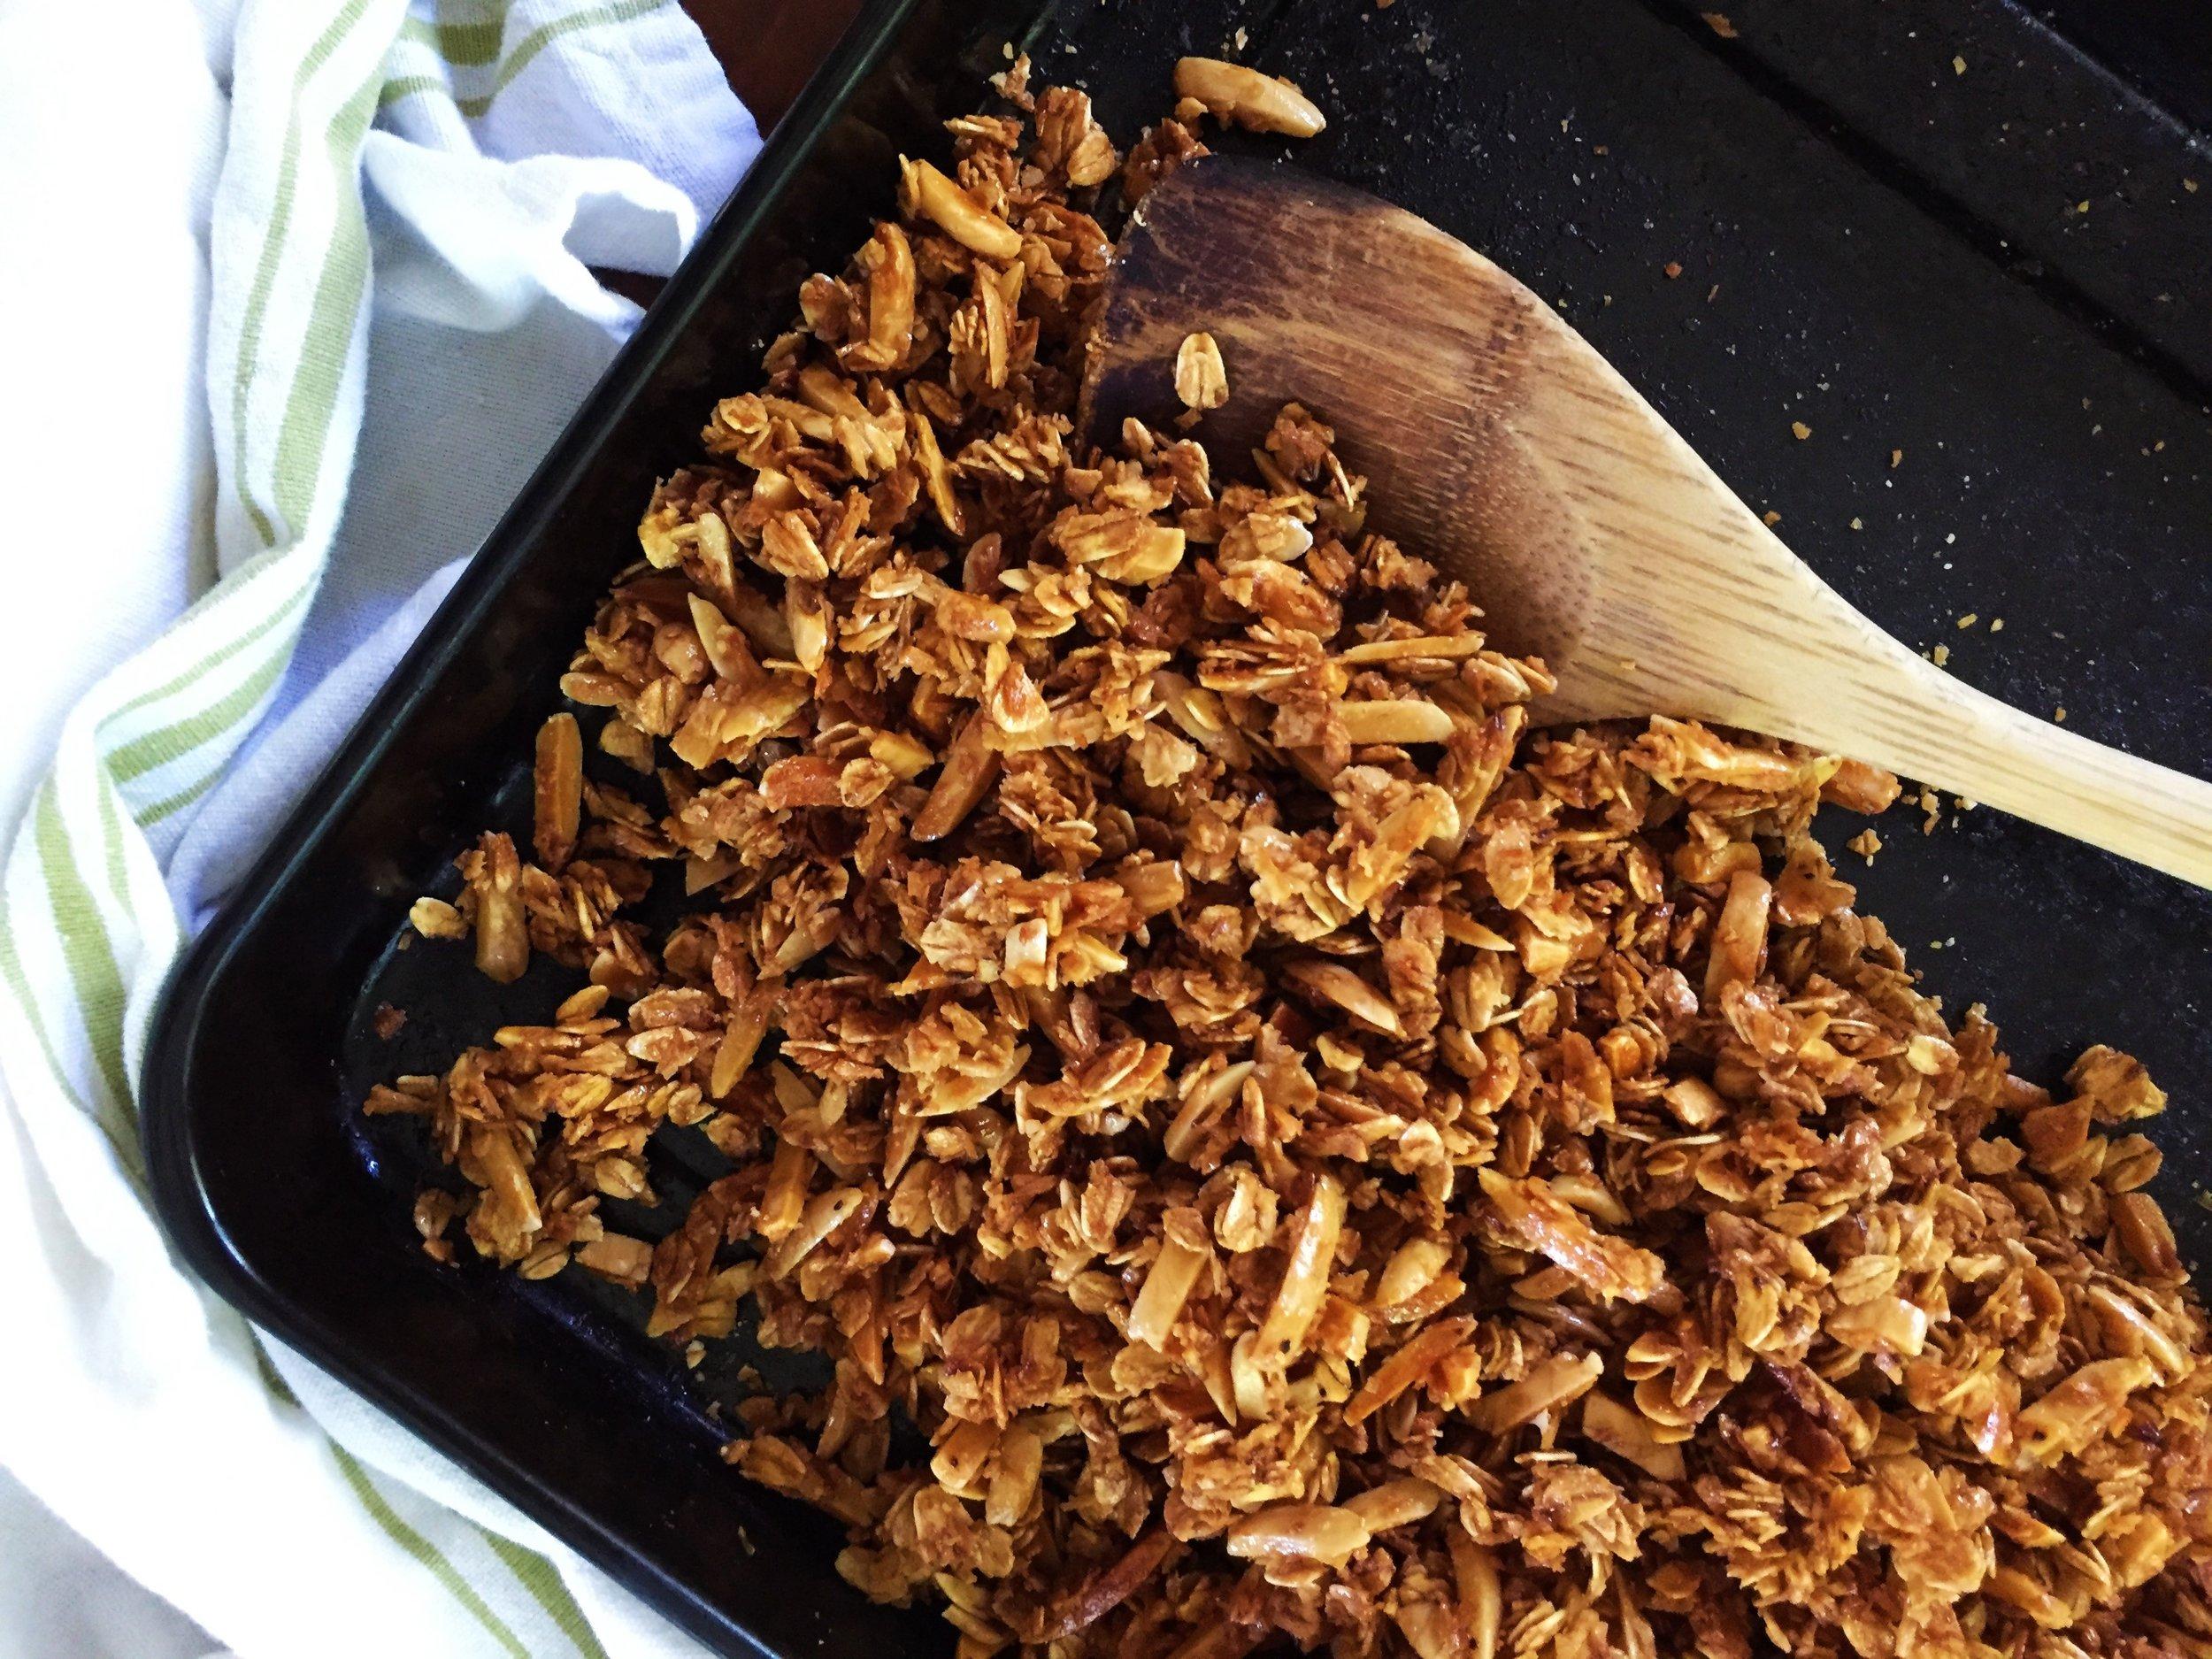 Coconut-Almond Granola made in the Adventure Kitchen.